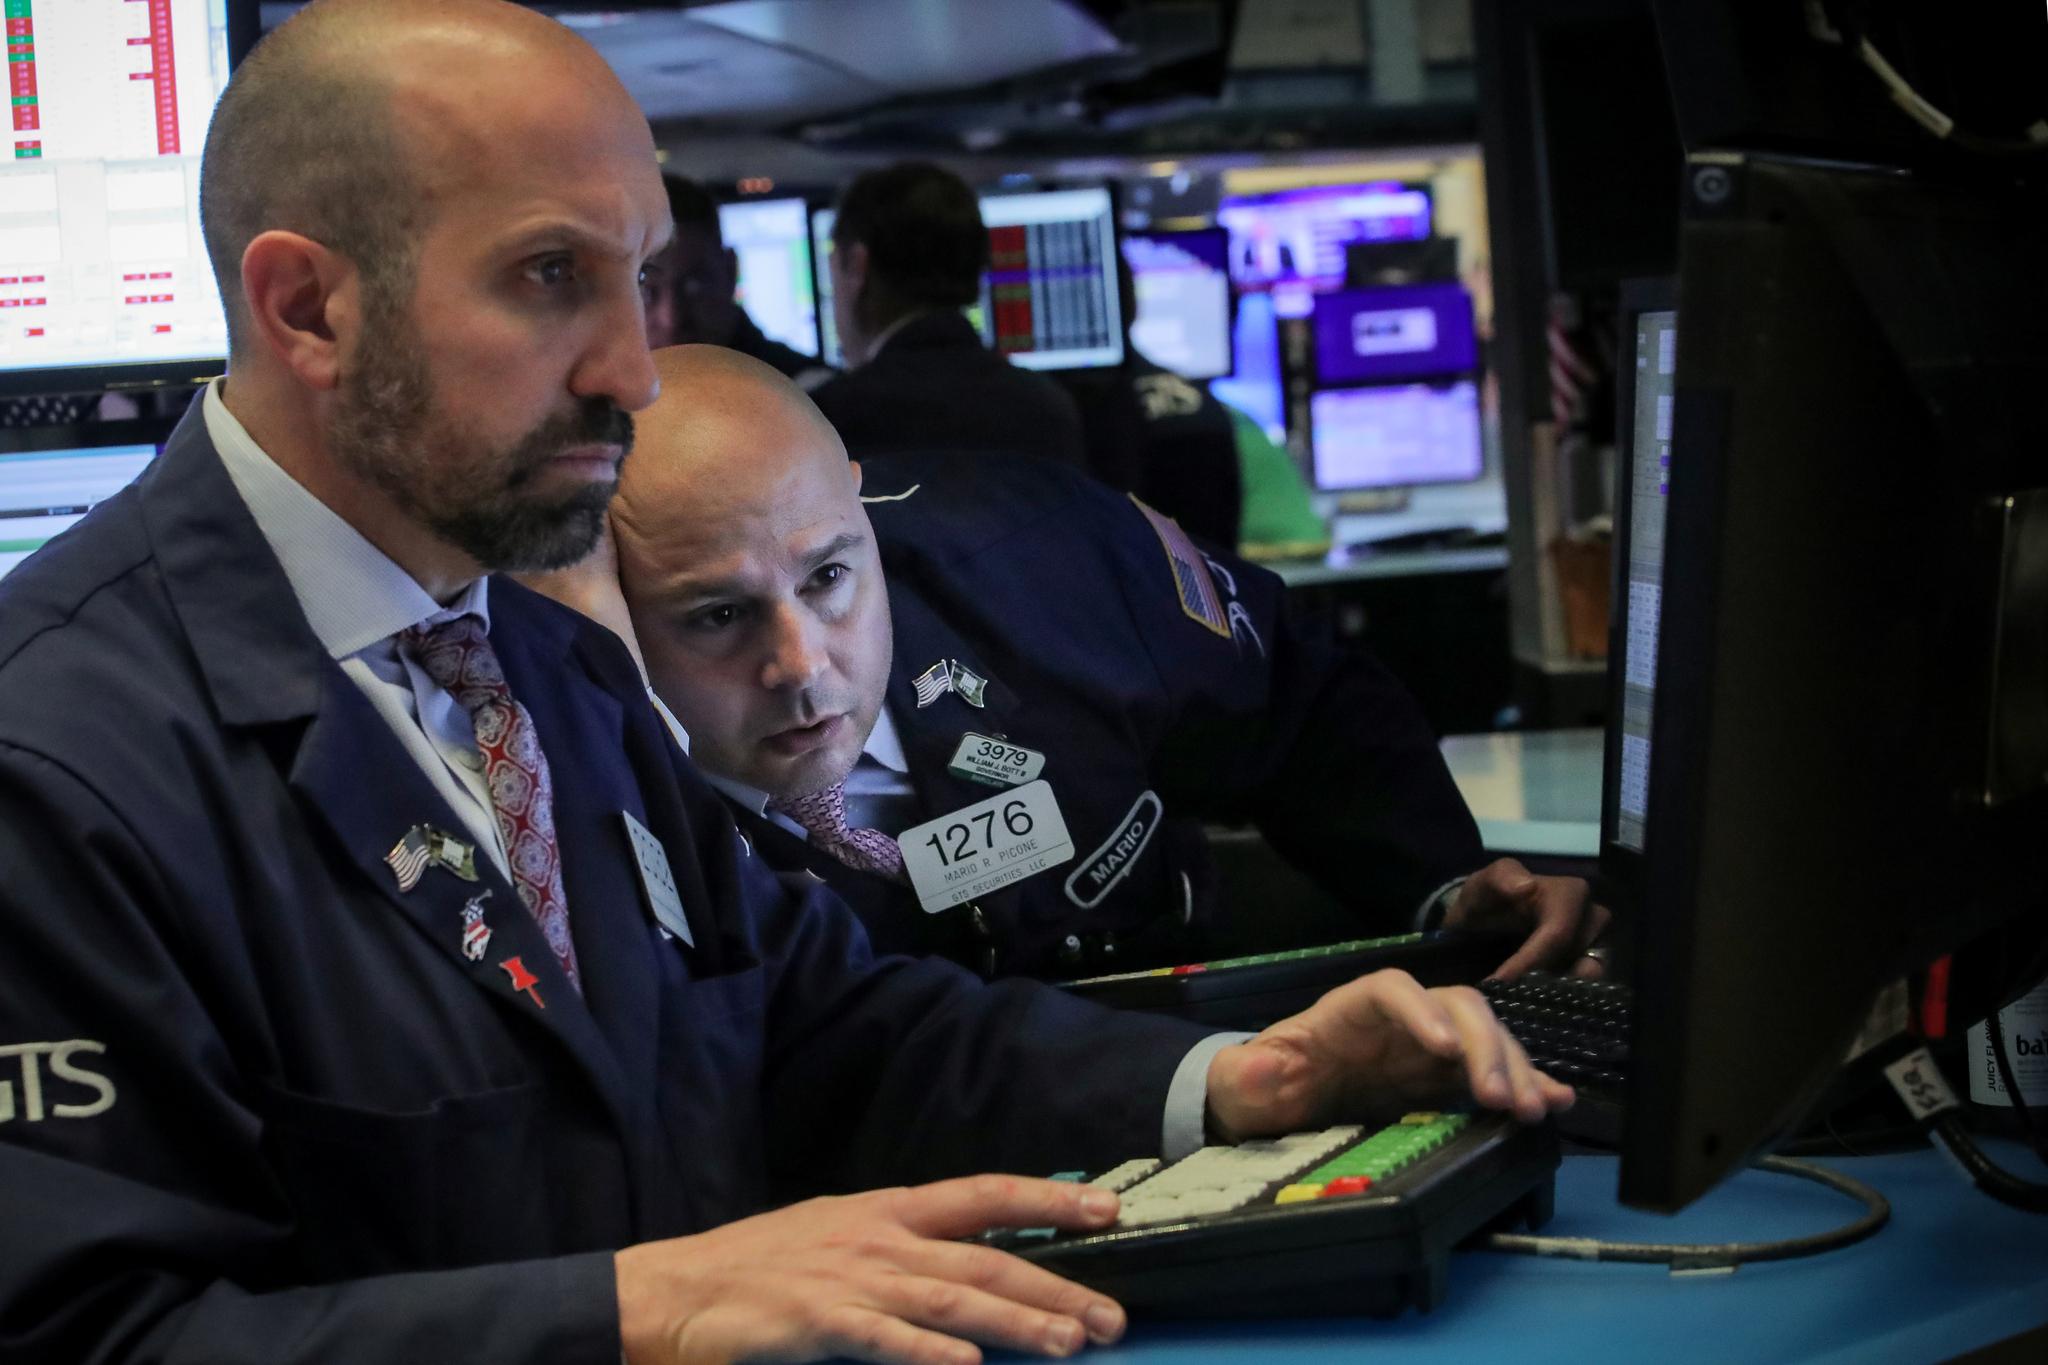 미국과 중국의 무역갈등 격화로 뉴욕증시가 폭락한 13일 뉴욕증권거래소 (NYSE) 입회장에서 트레이더들이 심각한 표정으로 모니터를 들여다보고 있다. [로이터=연합뉴스]